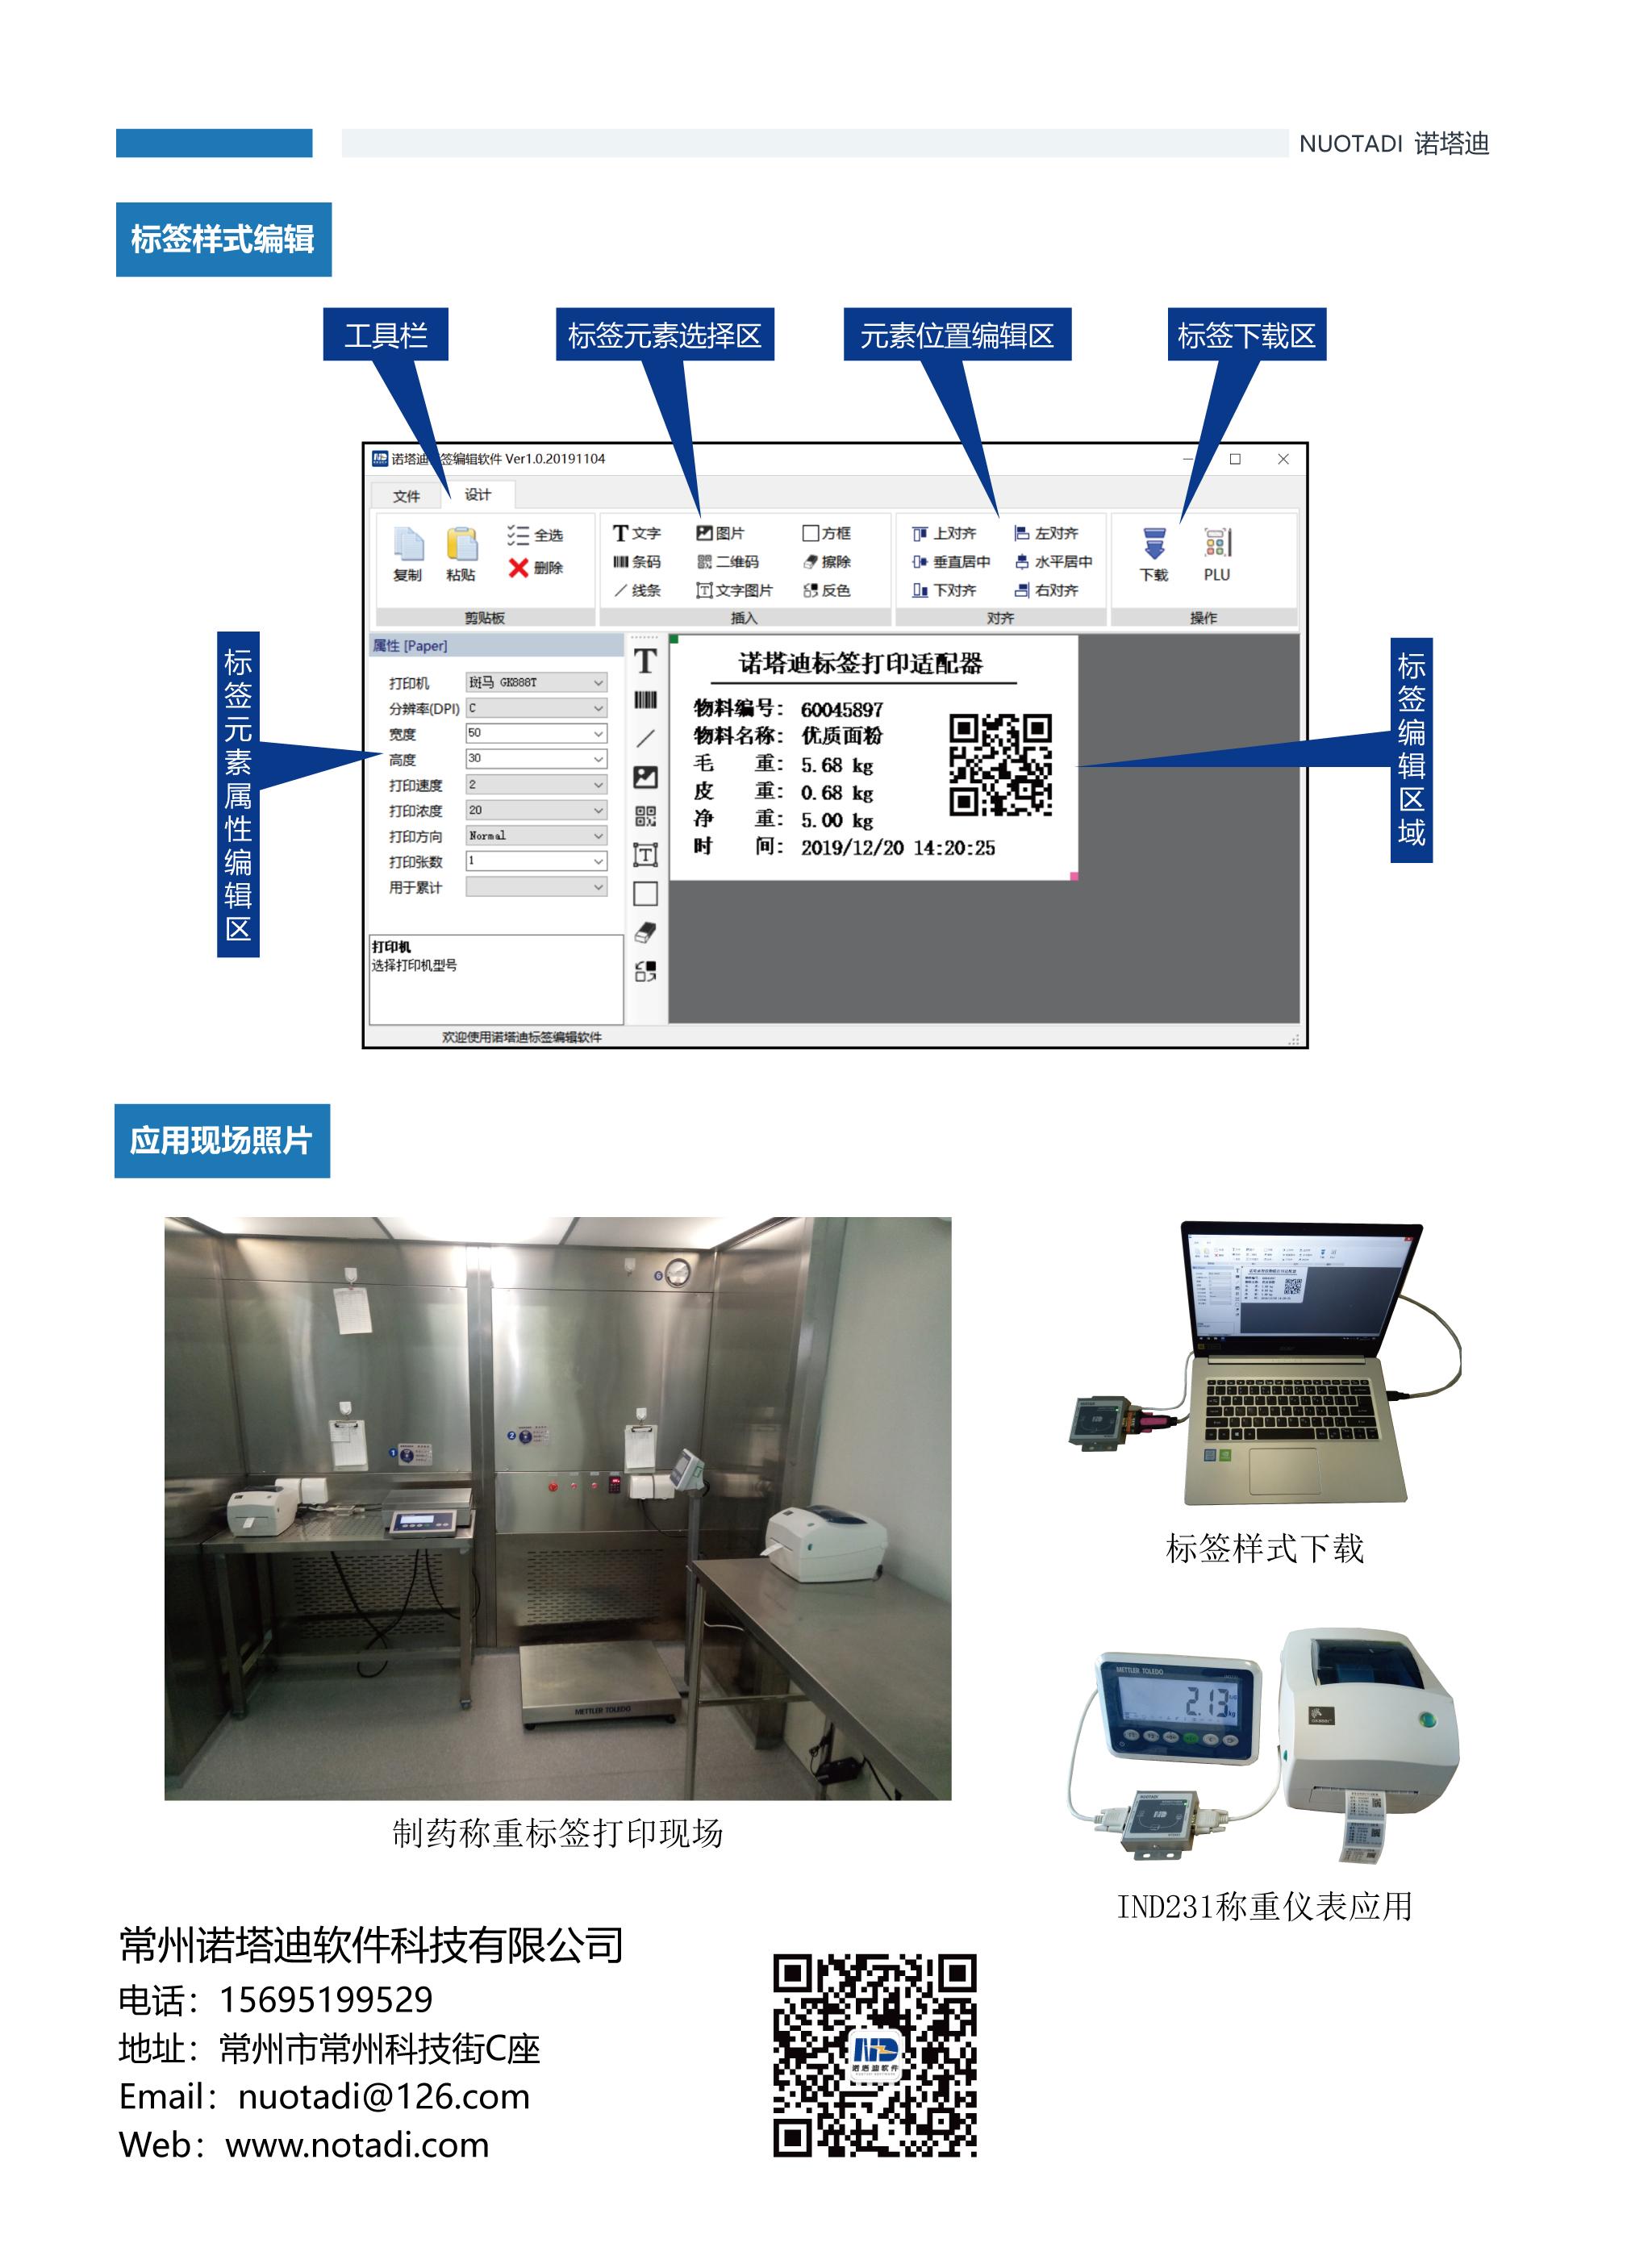 NTDX01产品说明_2.jpg